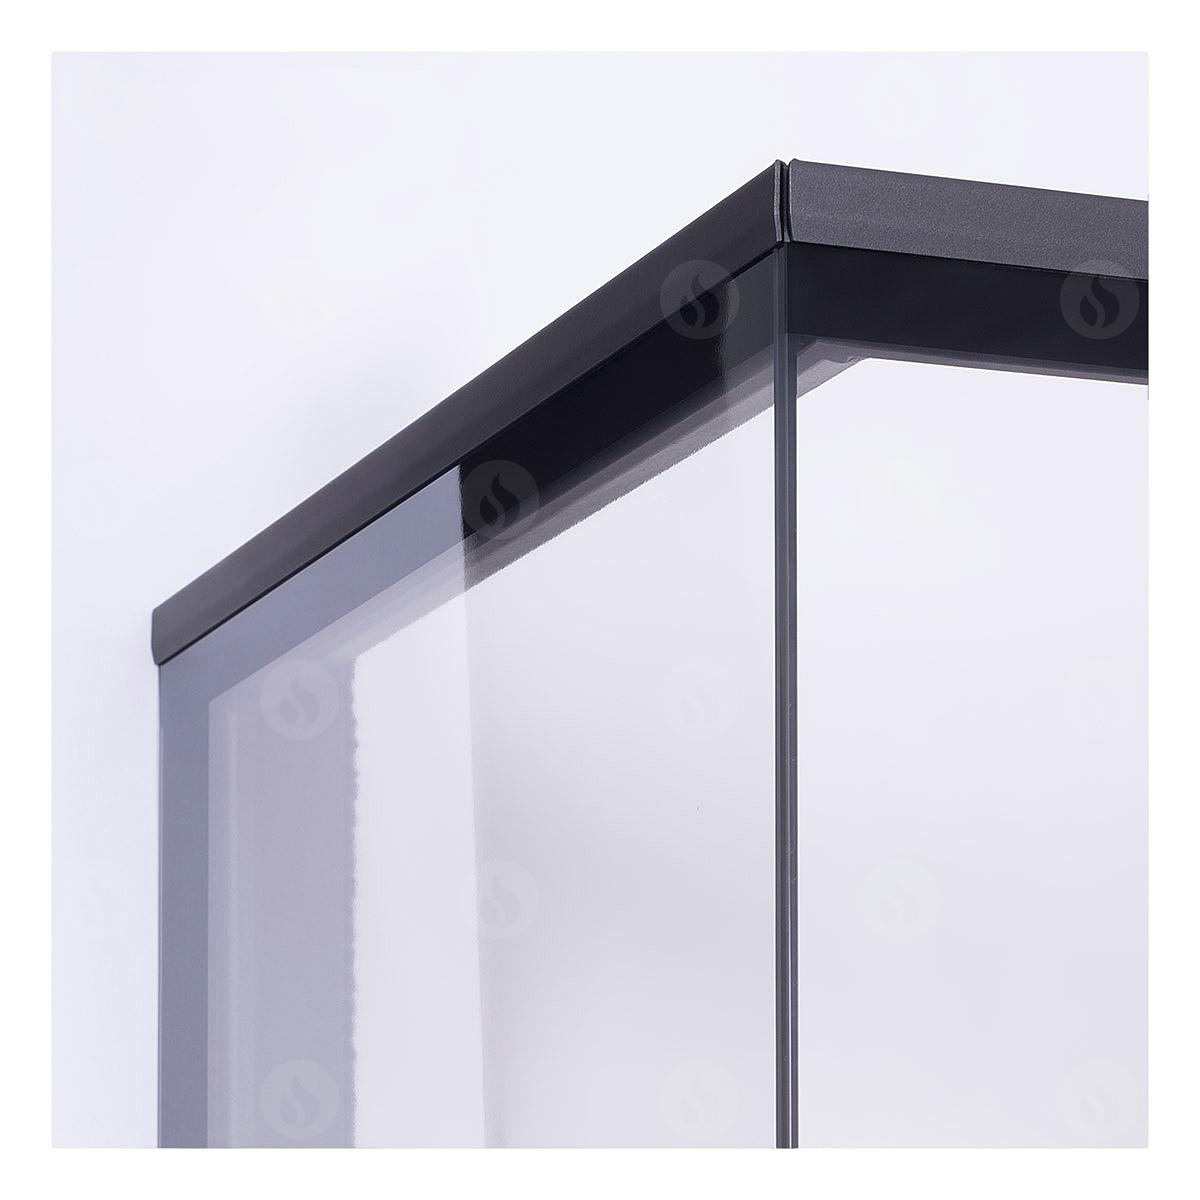 Romotop - HEAT C 2g L 50.52.31.01(21) - výsuvná dvířka Materiál: dělené sklo